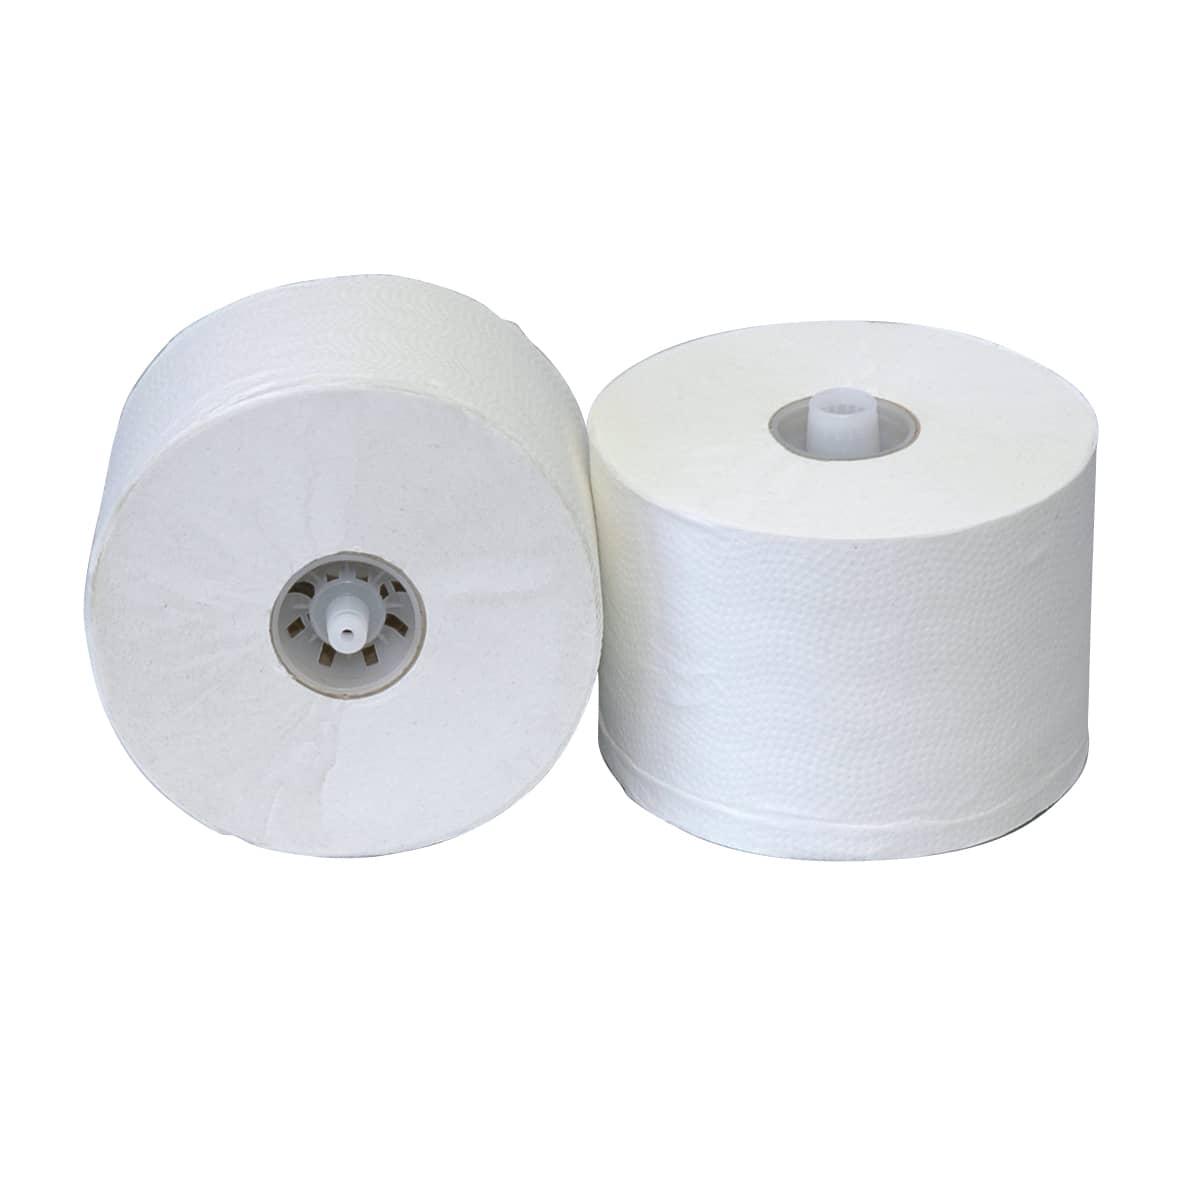 ECO toiletpapier gerecycled met dop 2-laags - 100m (36 rollen)